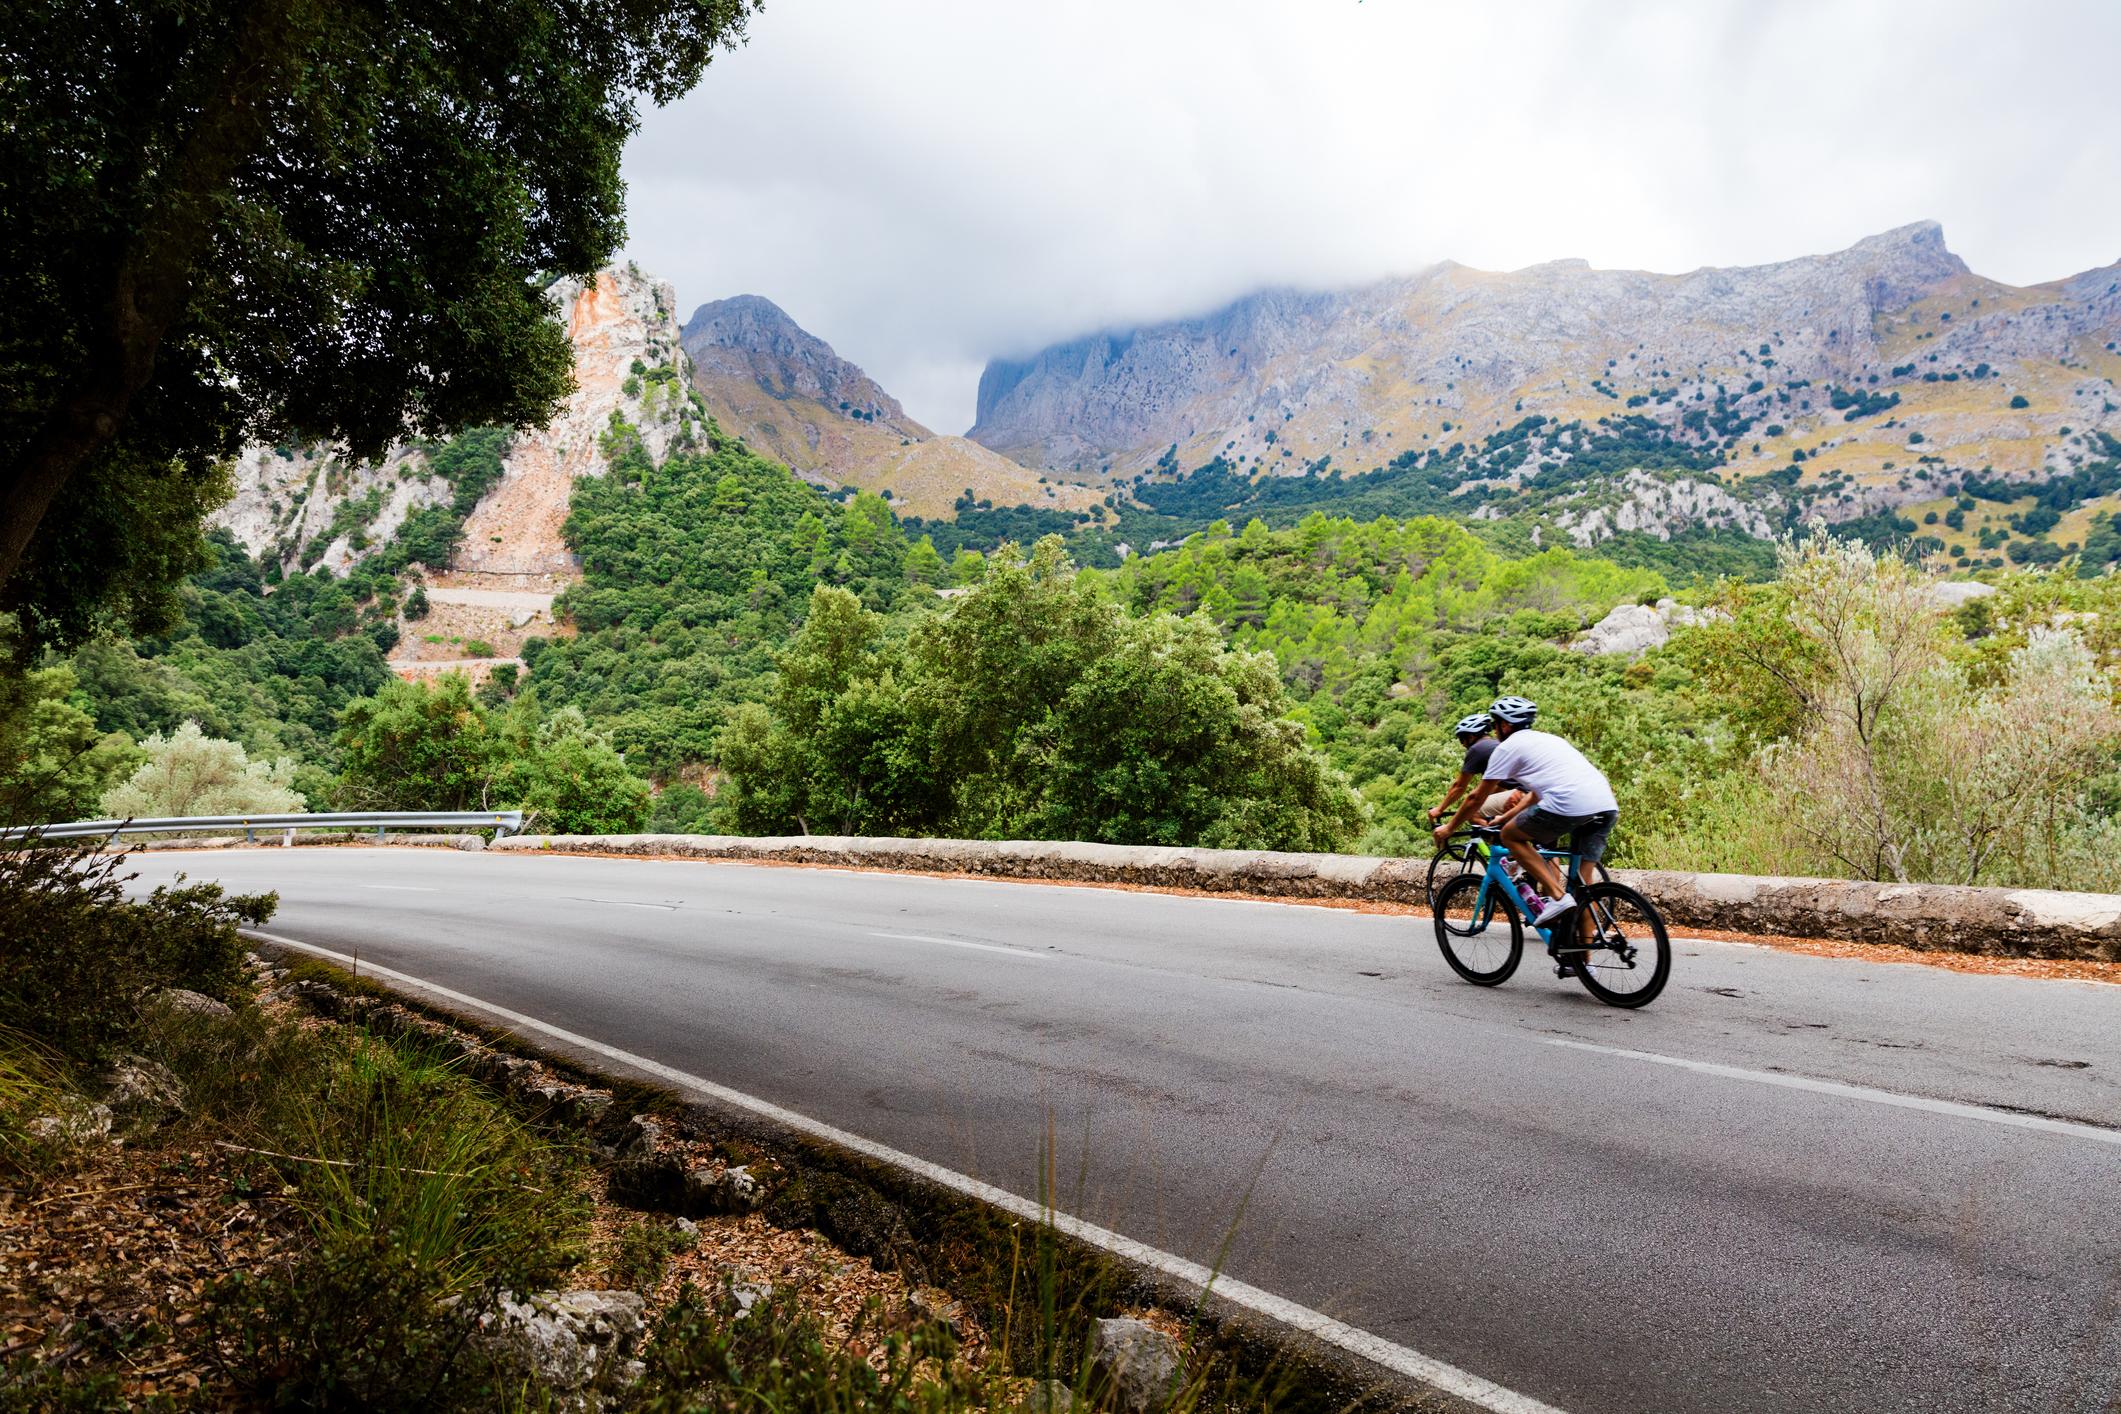 ¿Por qué 1,5 metros de distancia para adelantar al ciclista?